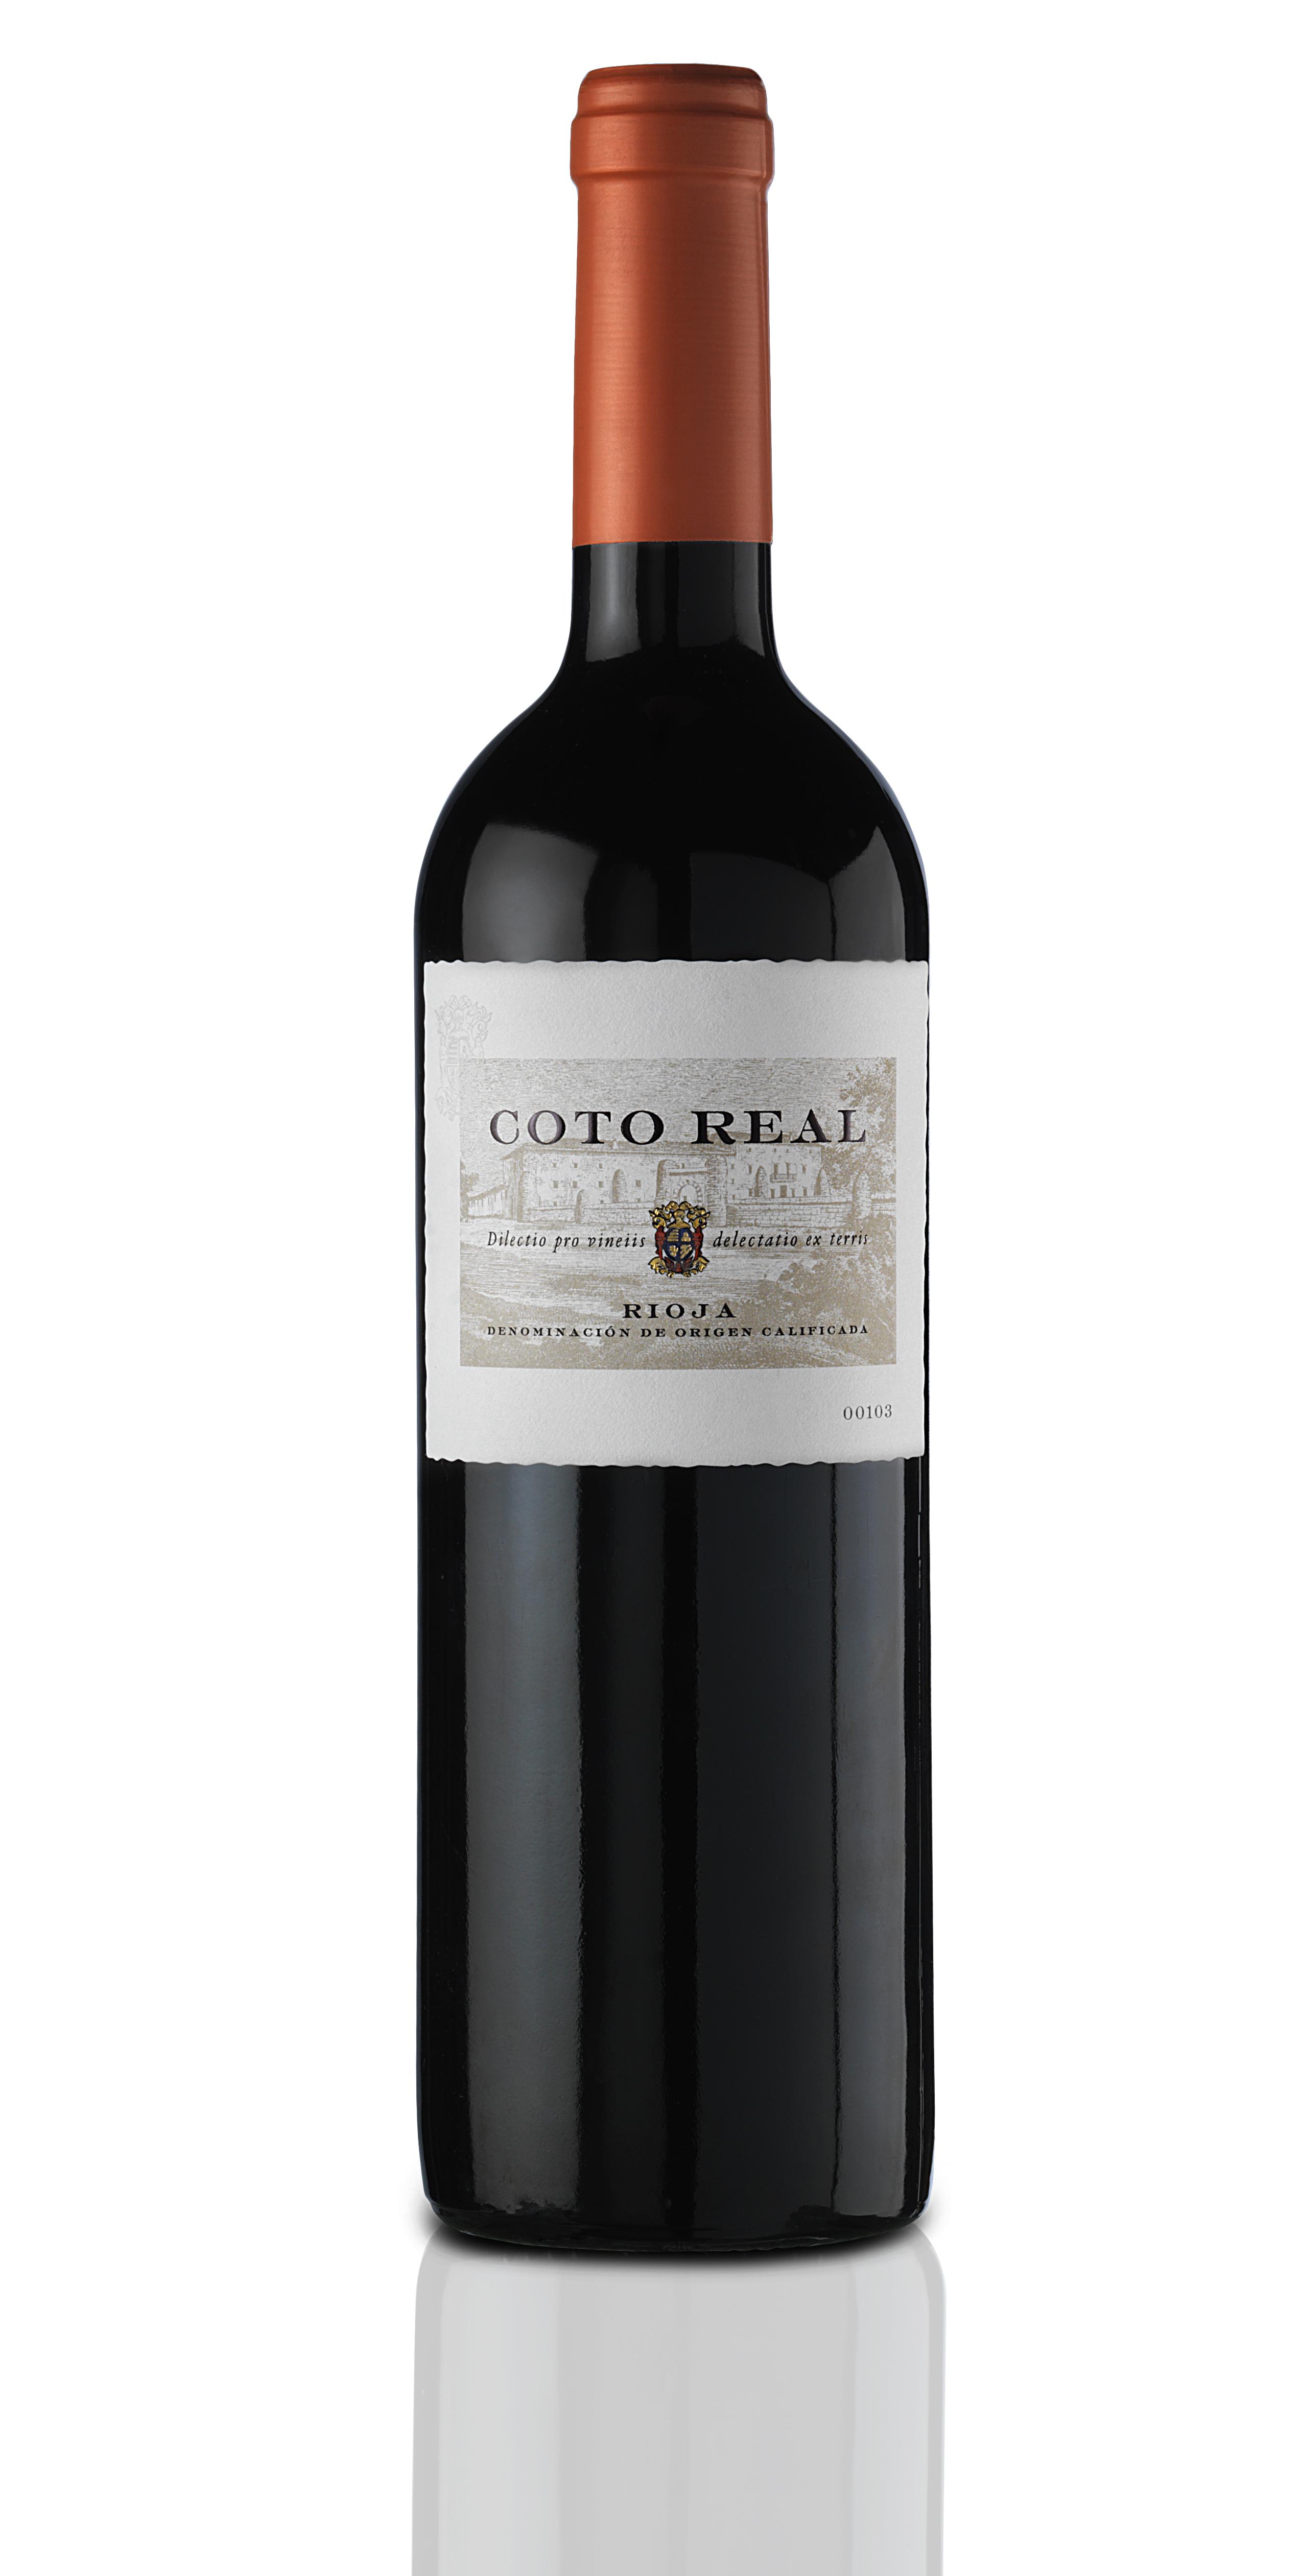 COTO REAL 2001